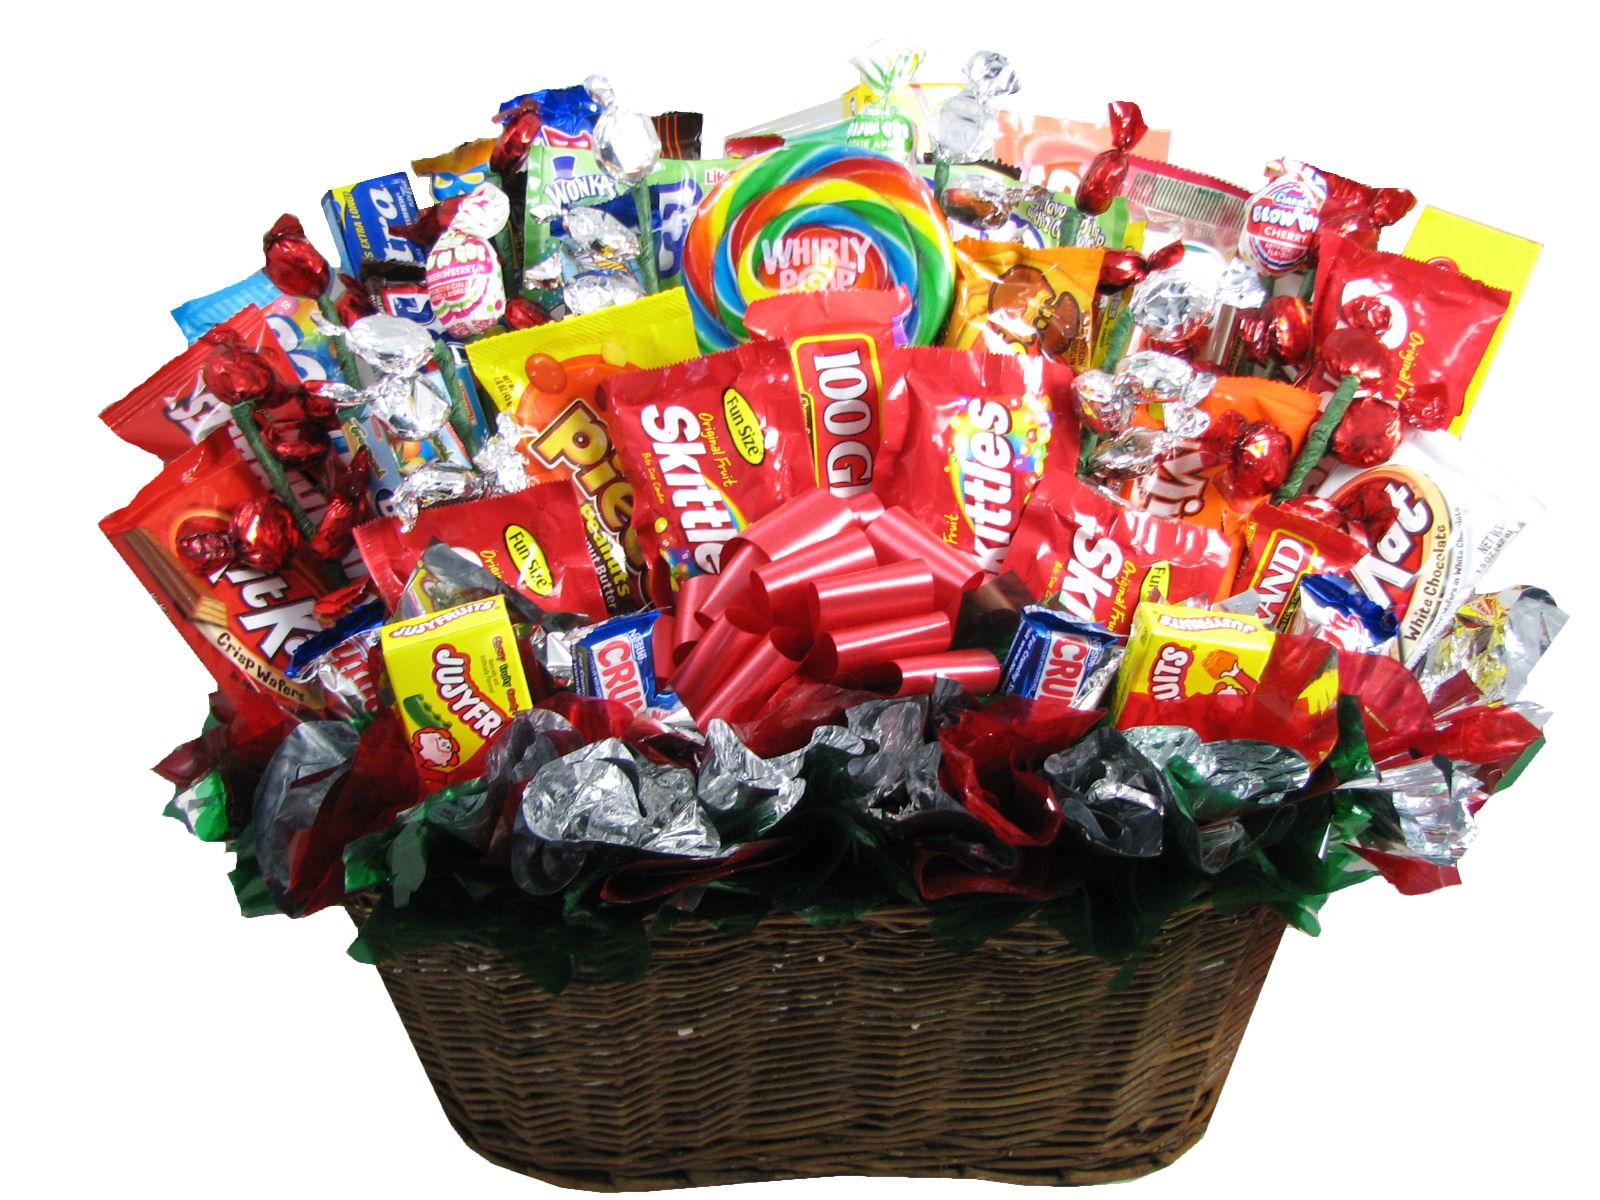 http://2.bp.blogspot.com/-jXgtOSA34c8/UGvyVT1-0bI/AAAAAAAAAdI/kEXKTh9AY9w/s1600/Bulk+Candy+Shop.jpg